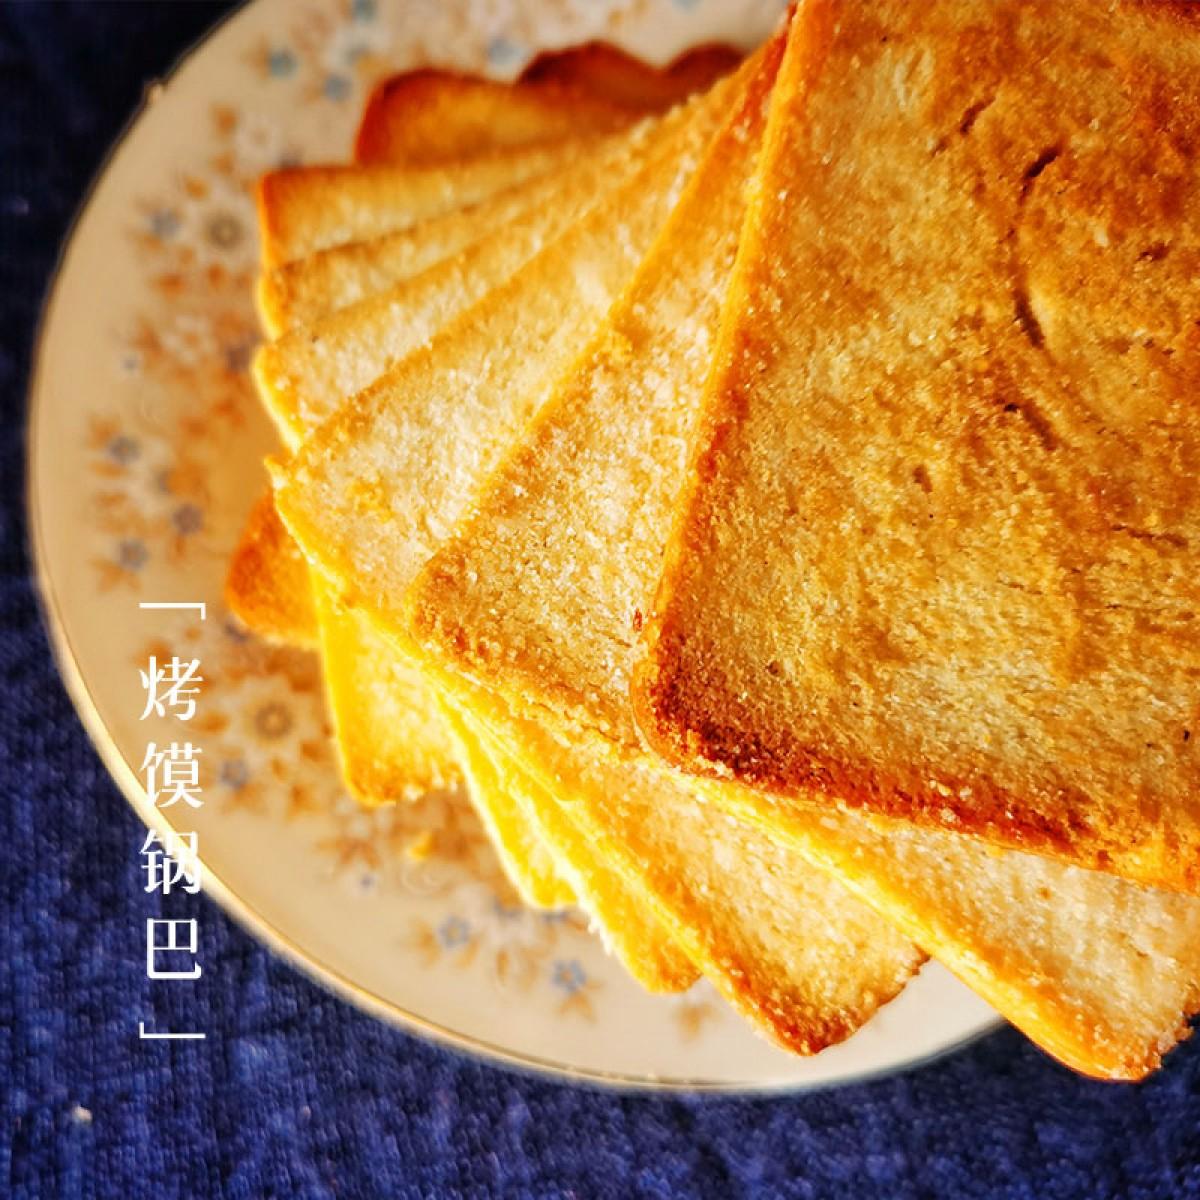 内蒙古新家园烤馍锅巴烤馍片烤馒头片9口味混装1箱18袋(椒盐、芝士、比萨、烧烤、咖喱牛肉、孜然、椒盐、麻辣牛肉、香辣鸡肉味)